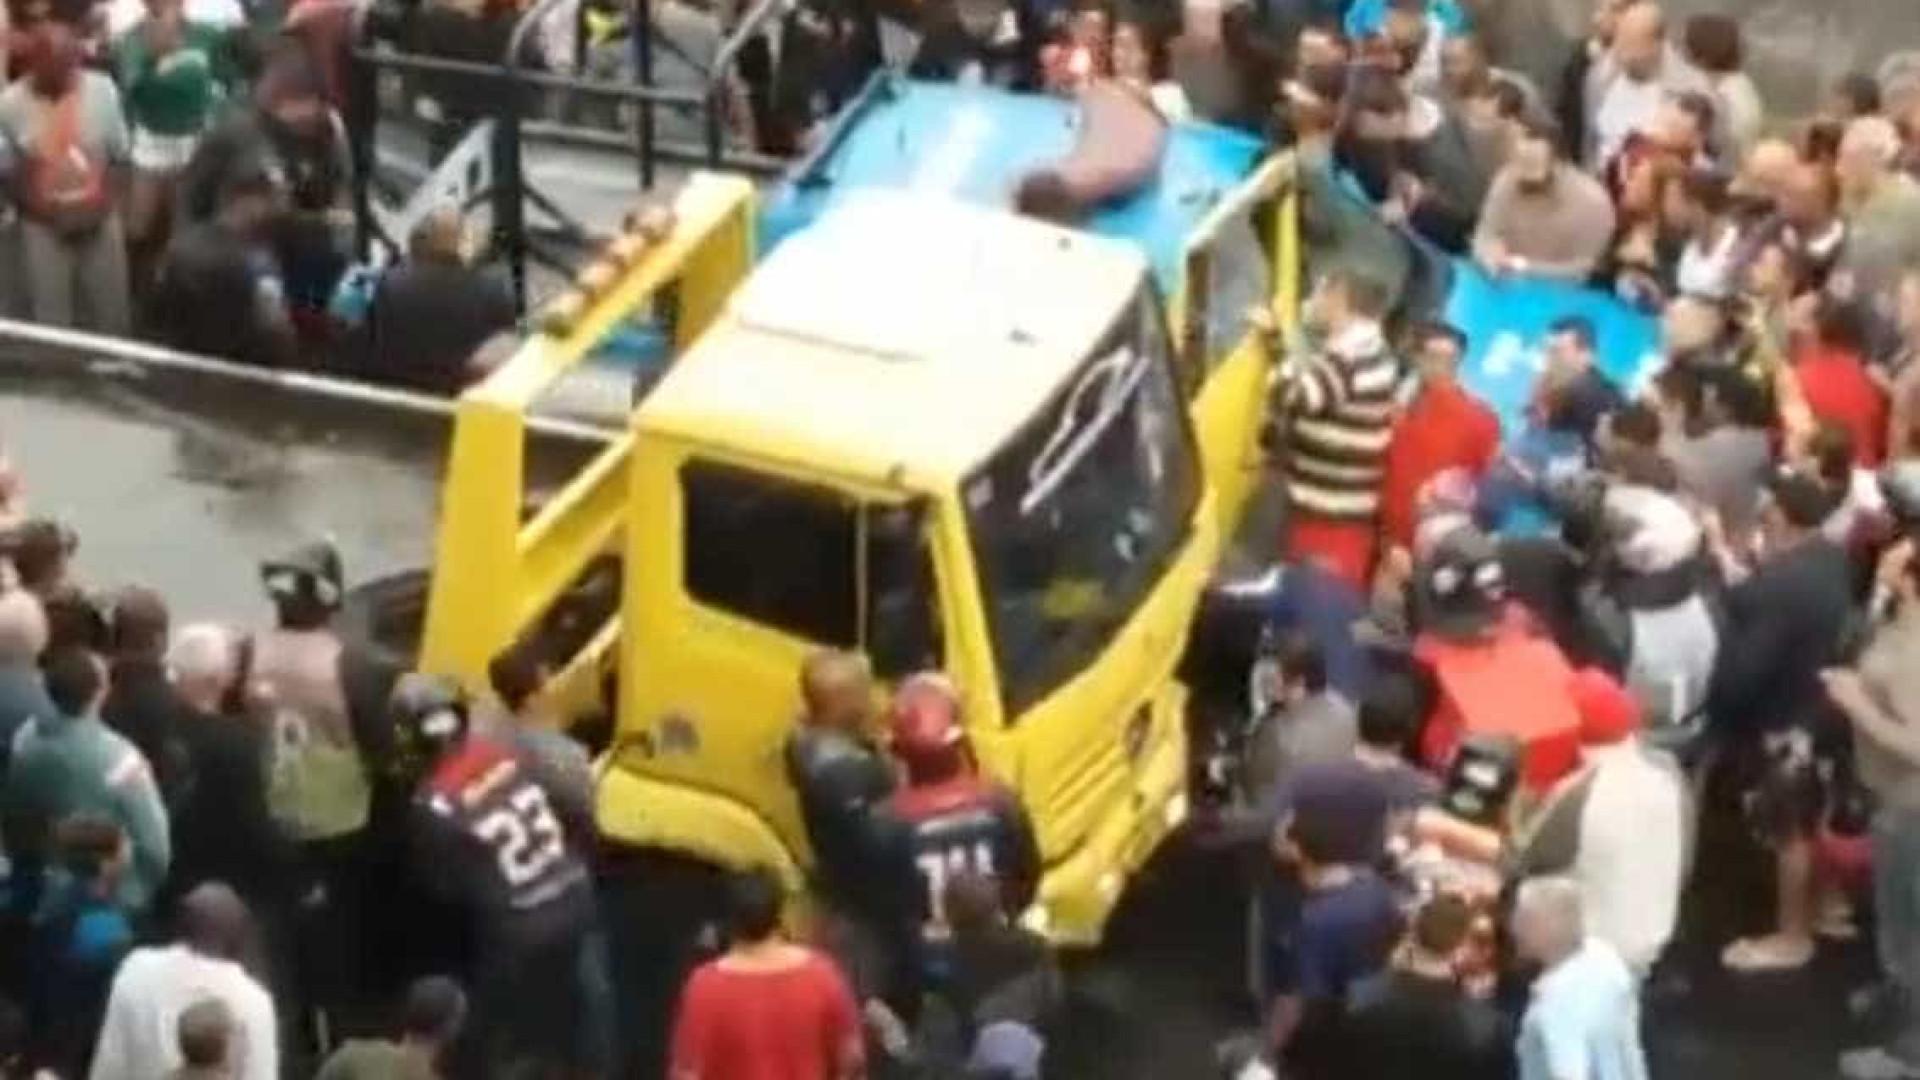 Motorista que atropelou dez no Rio transportava pacote com pó branco